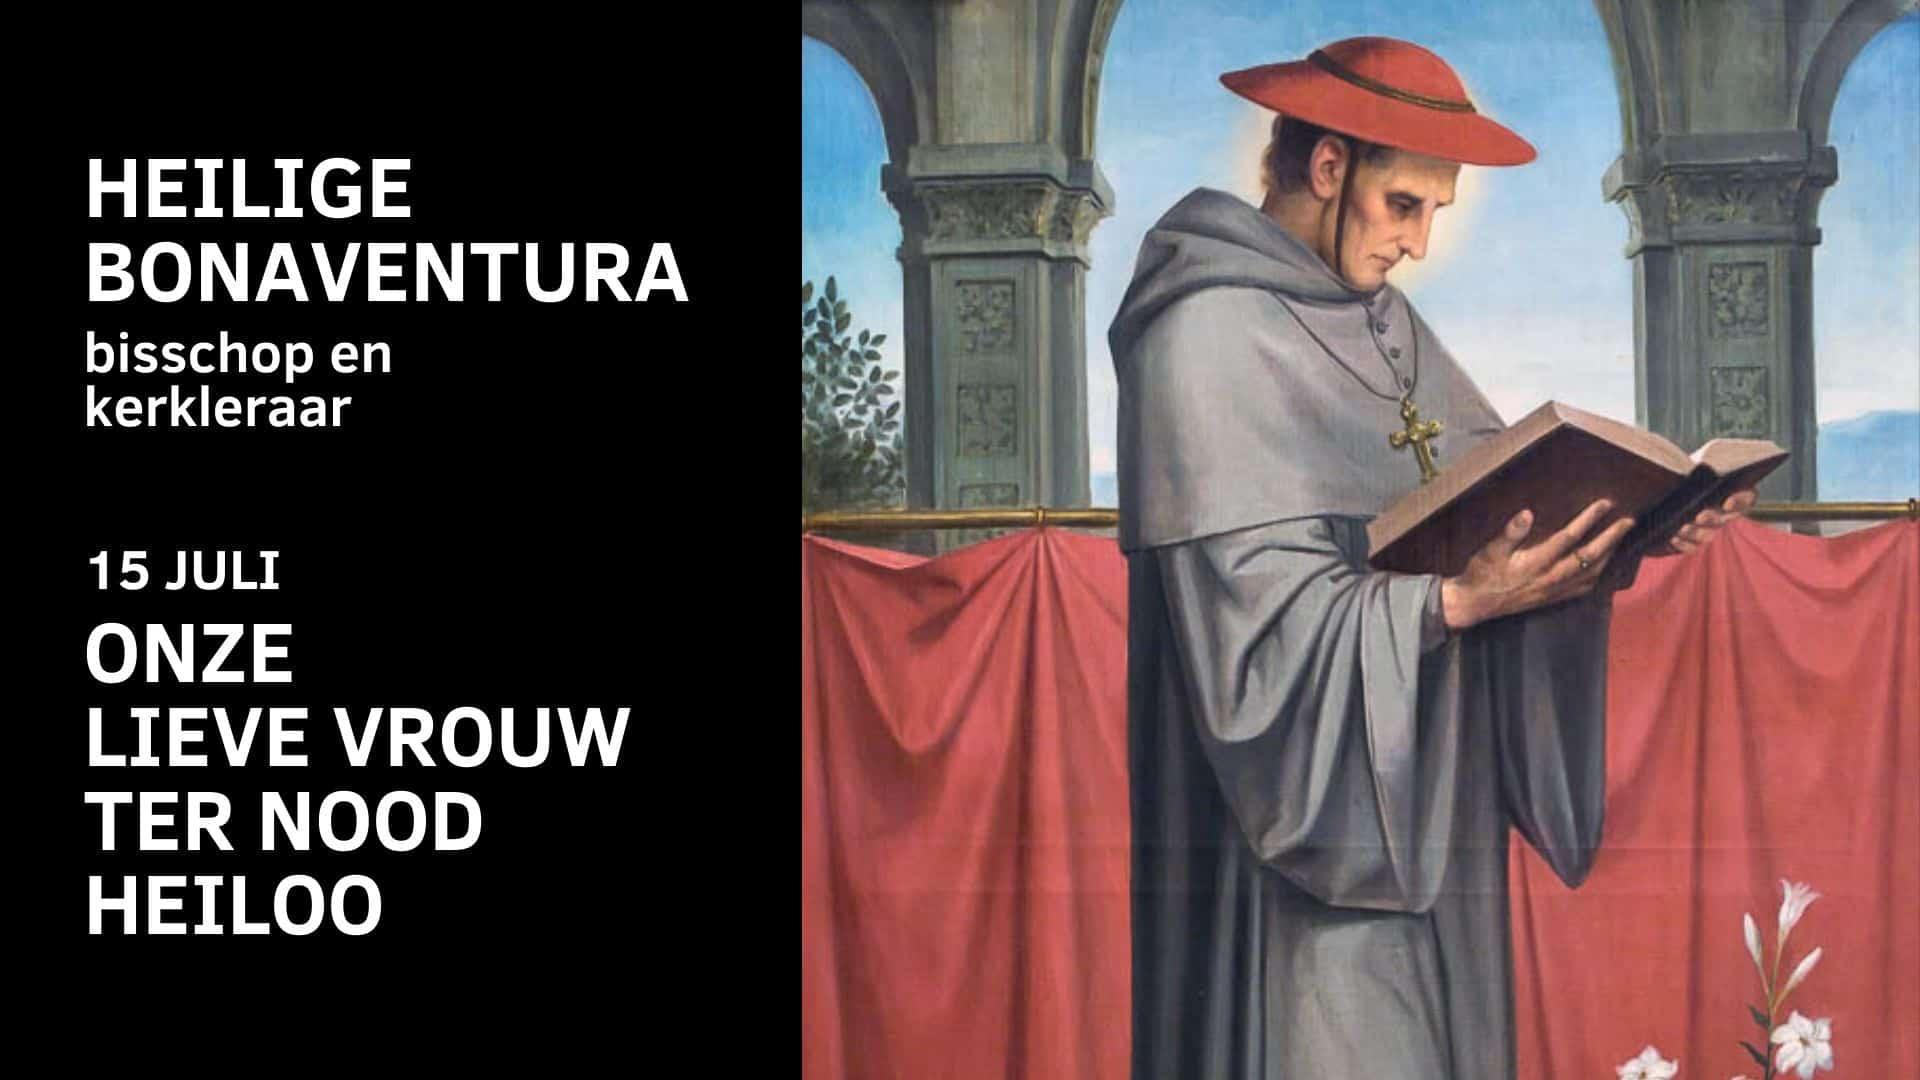 heilige-bonaventura-bisschop-olv-ter-nood-heiloo